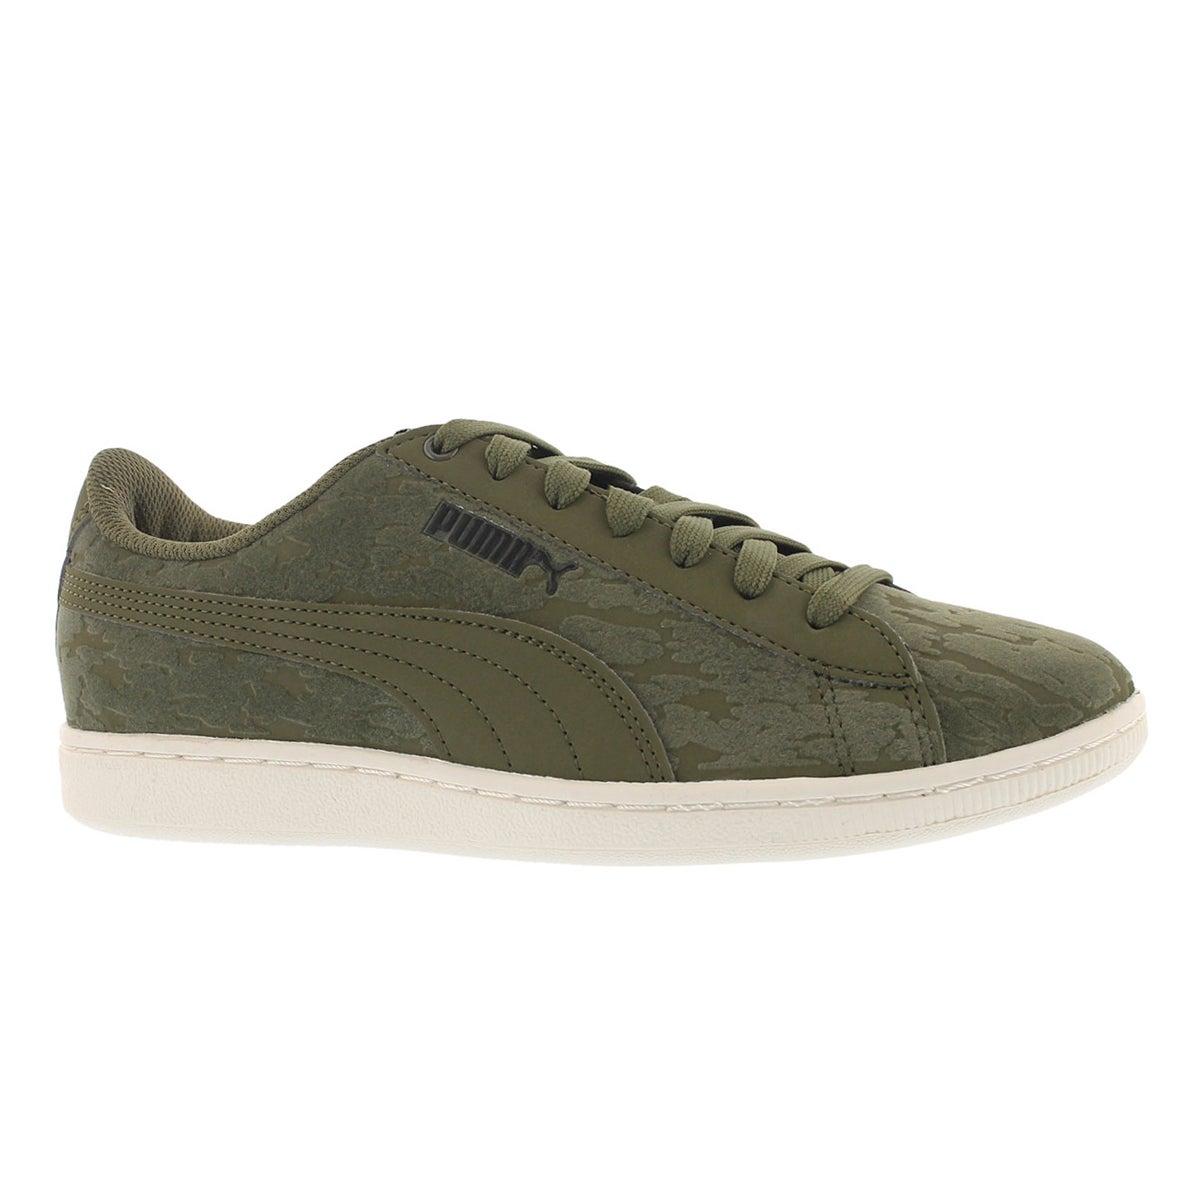 Women's VIKKY VELVET ROPE olive sneakers